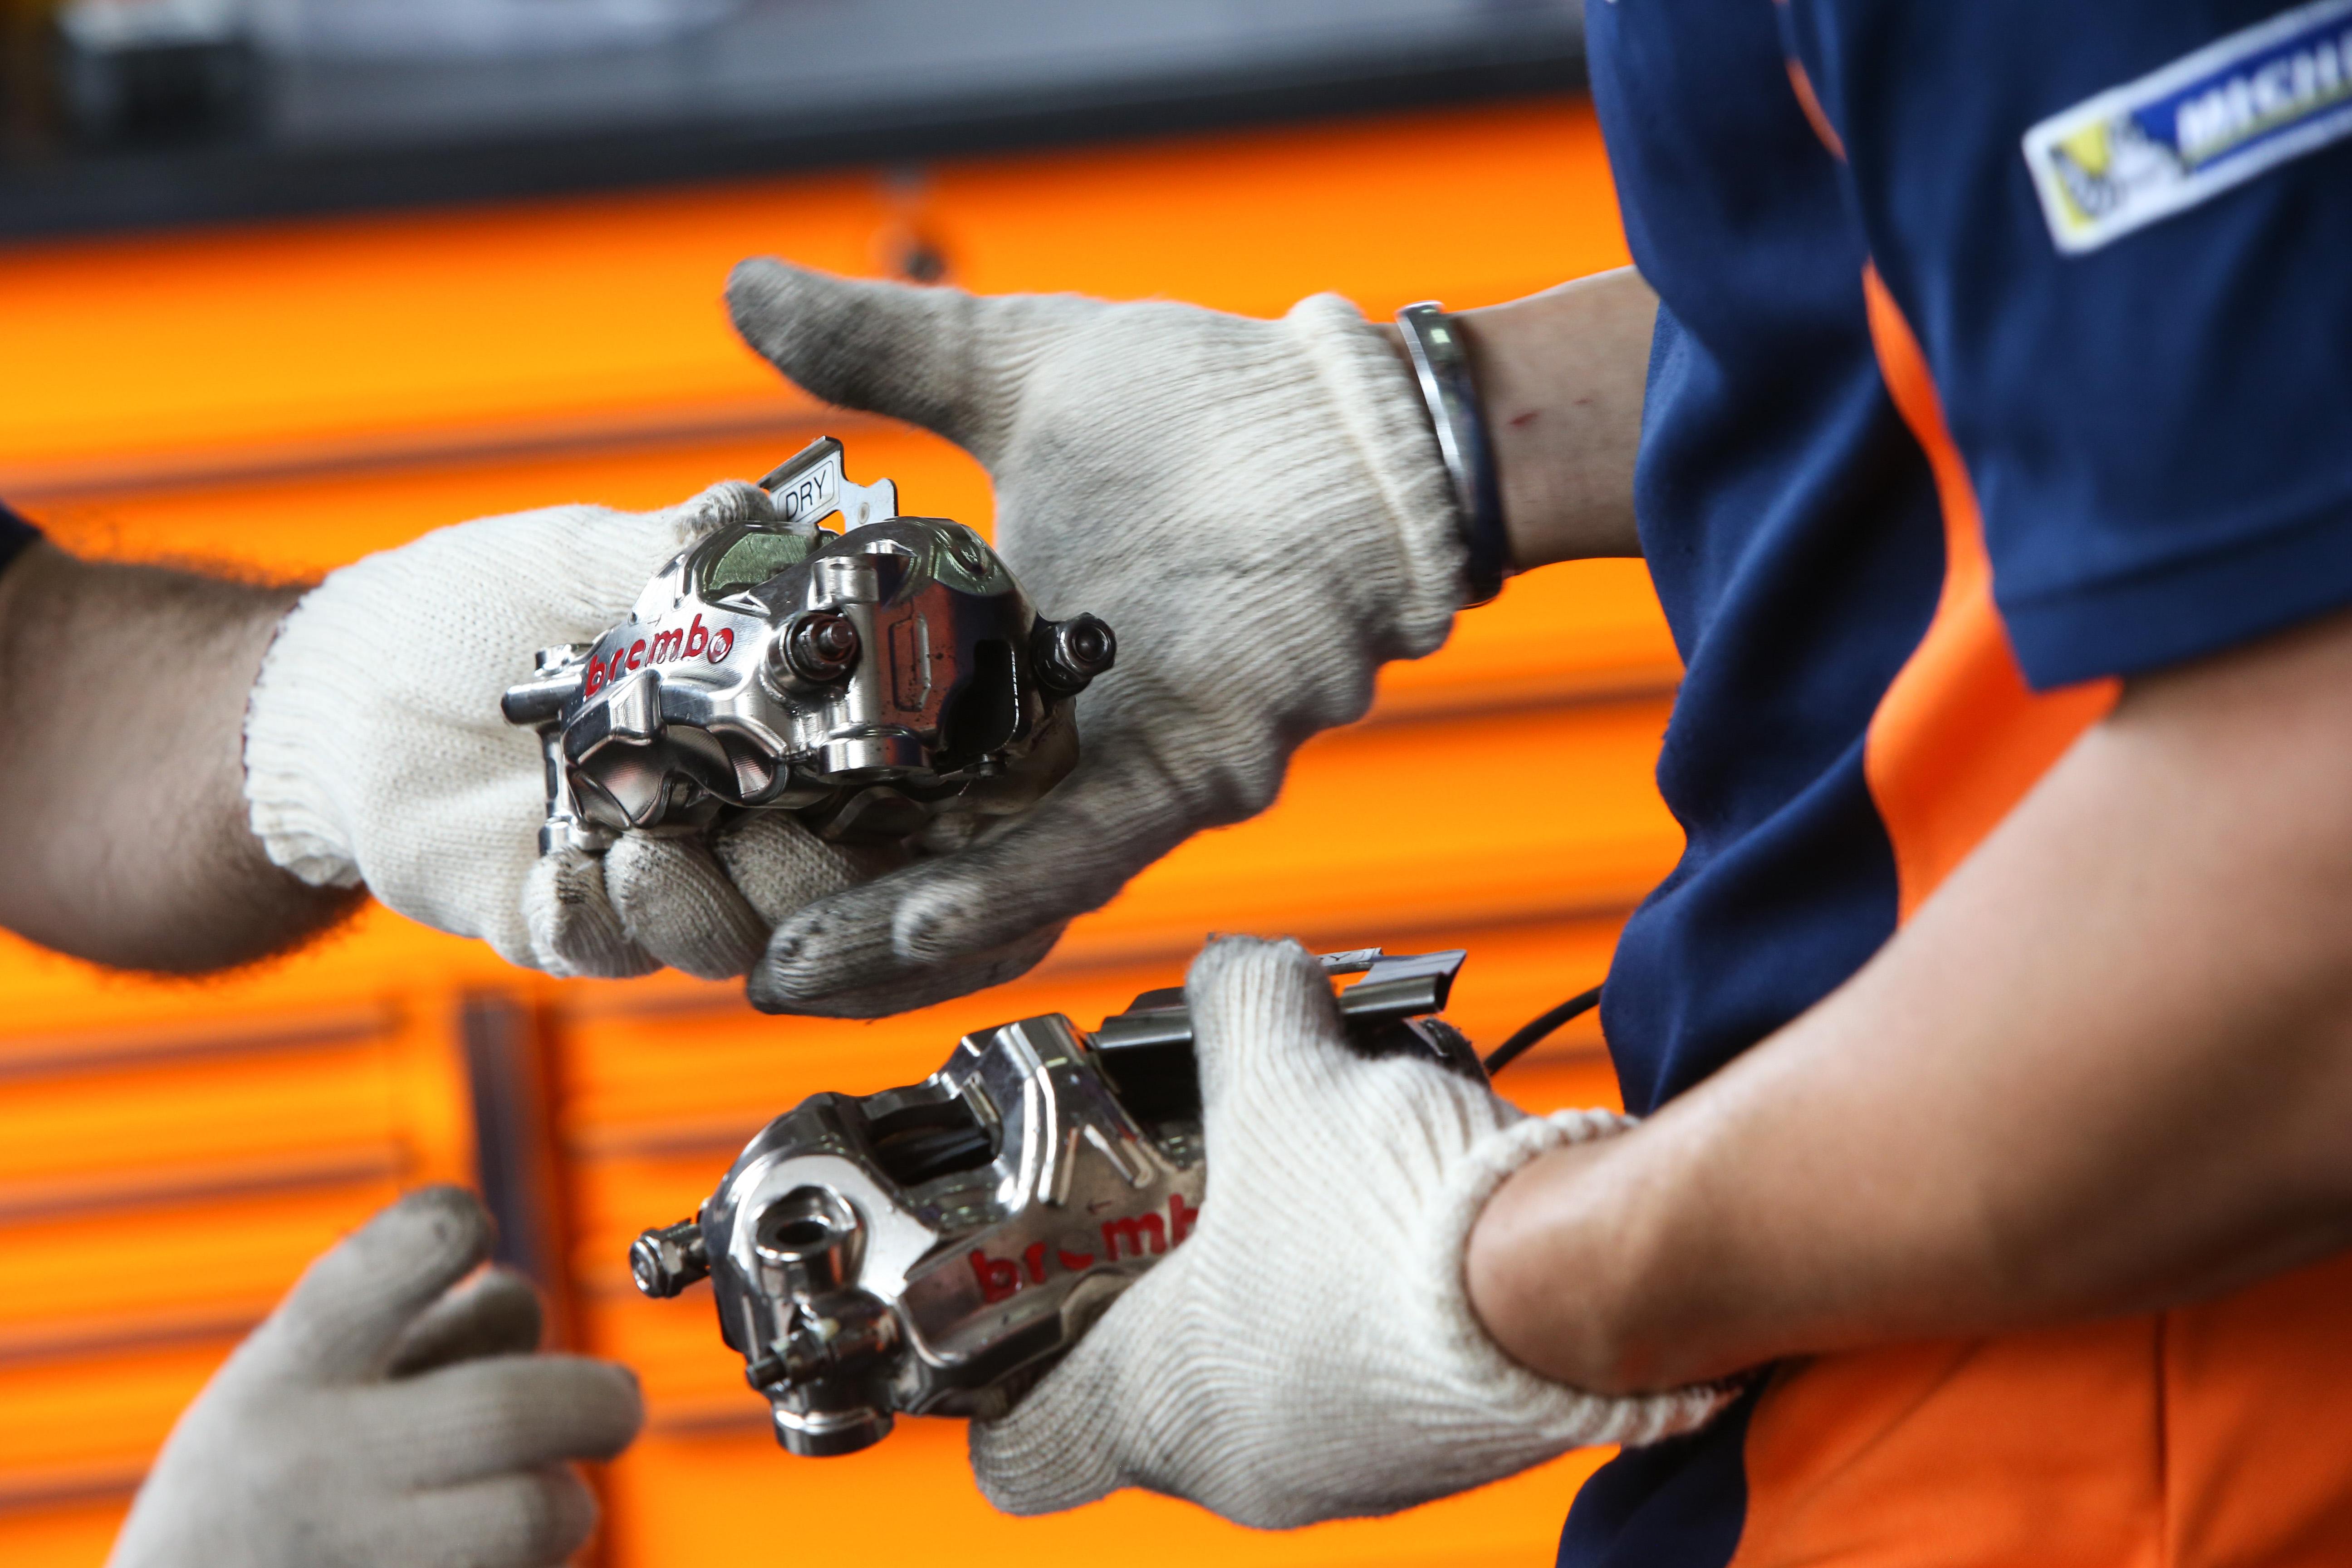 Pinzas de freno frontales RC213V en manos de mecánicos del Box Repsol